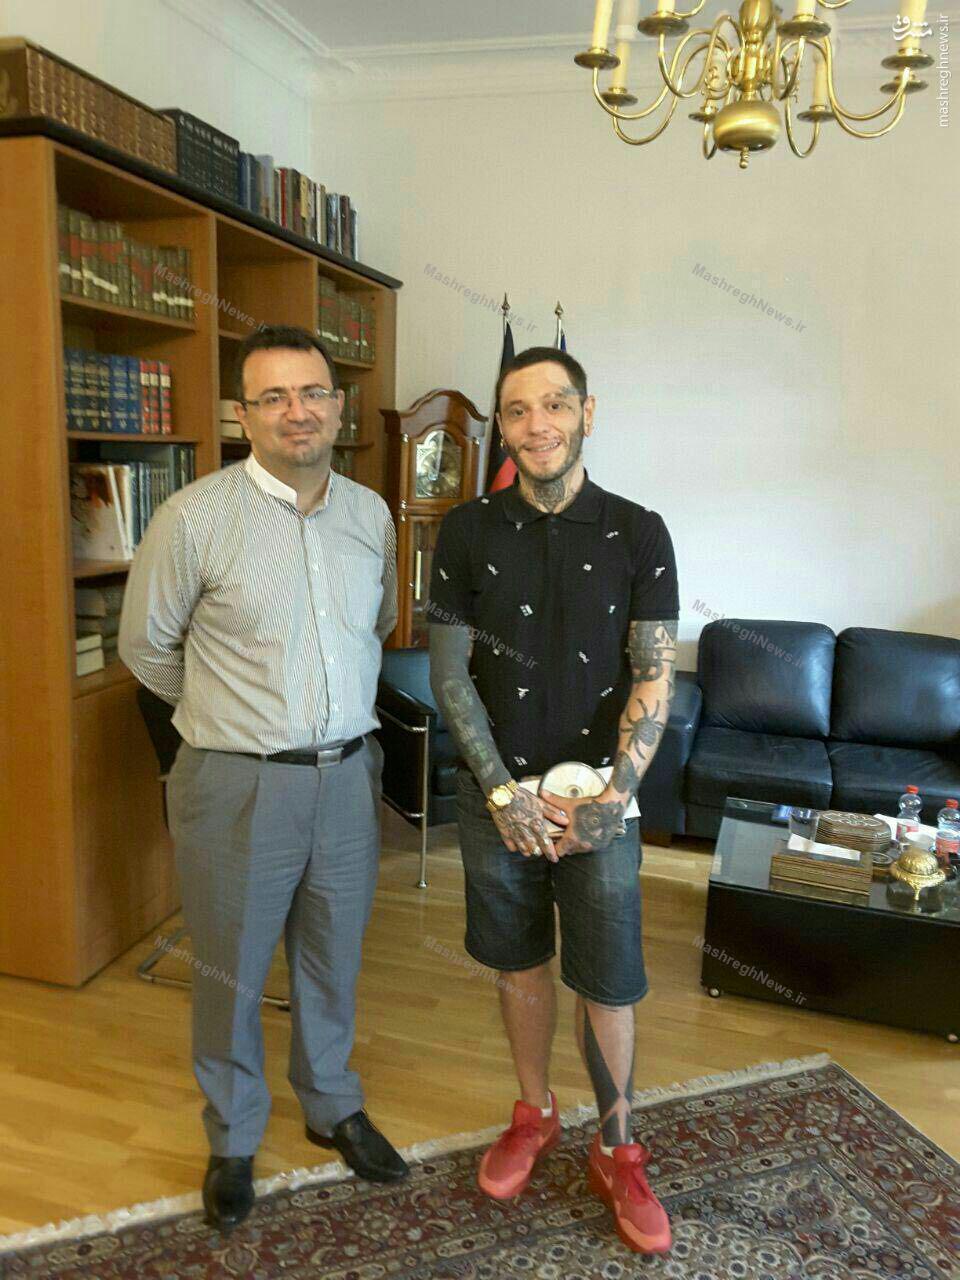 سفارت ایران در آلمان ساخت مستند عاشورا را به یک مازوخیست داد؟! +عکس و سند